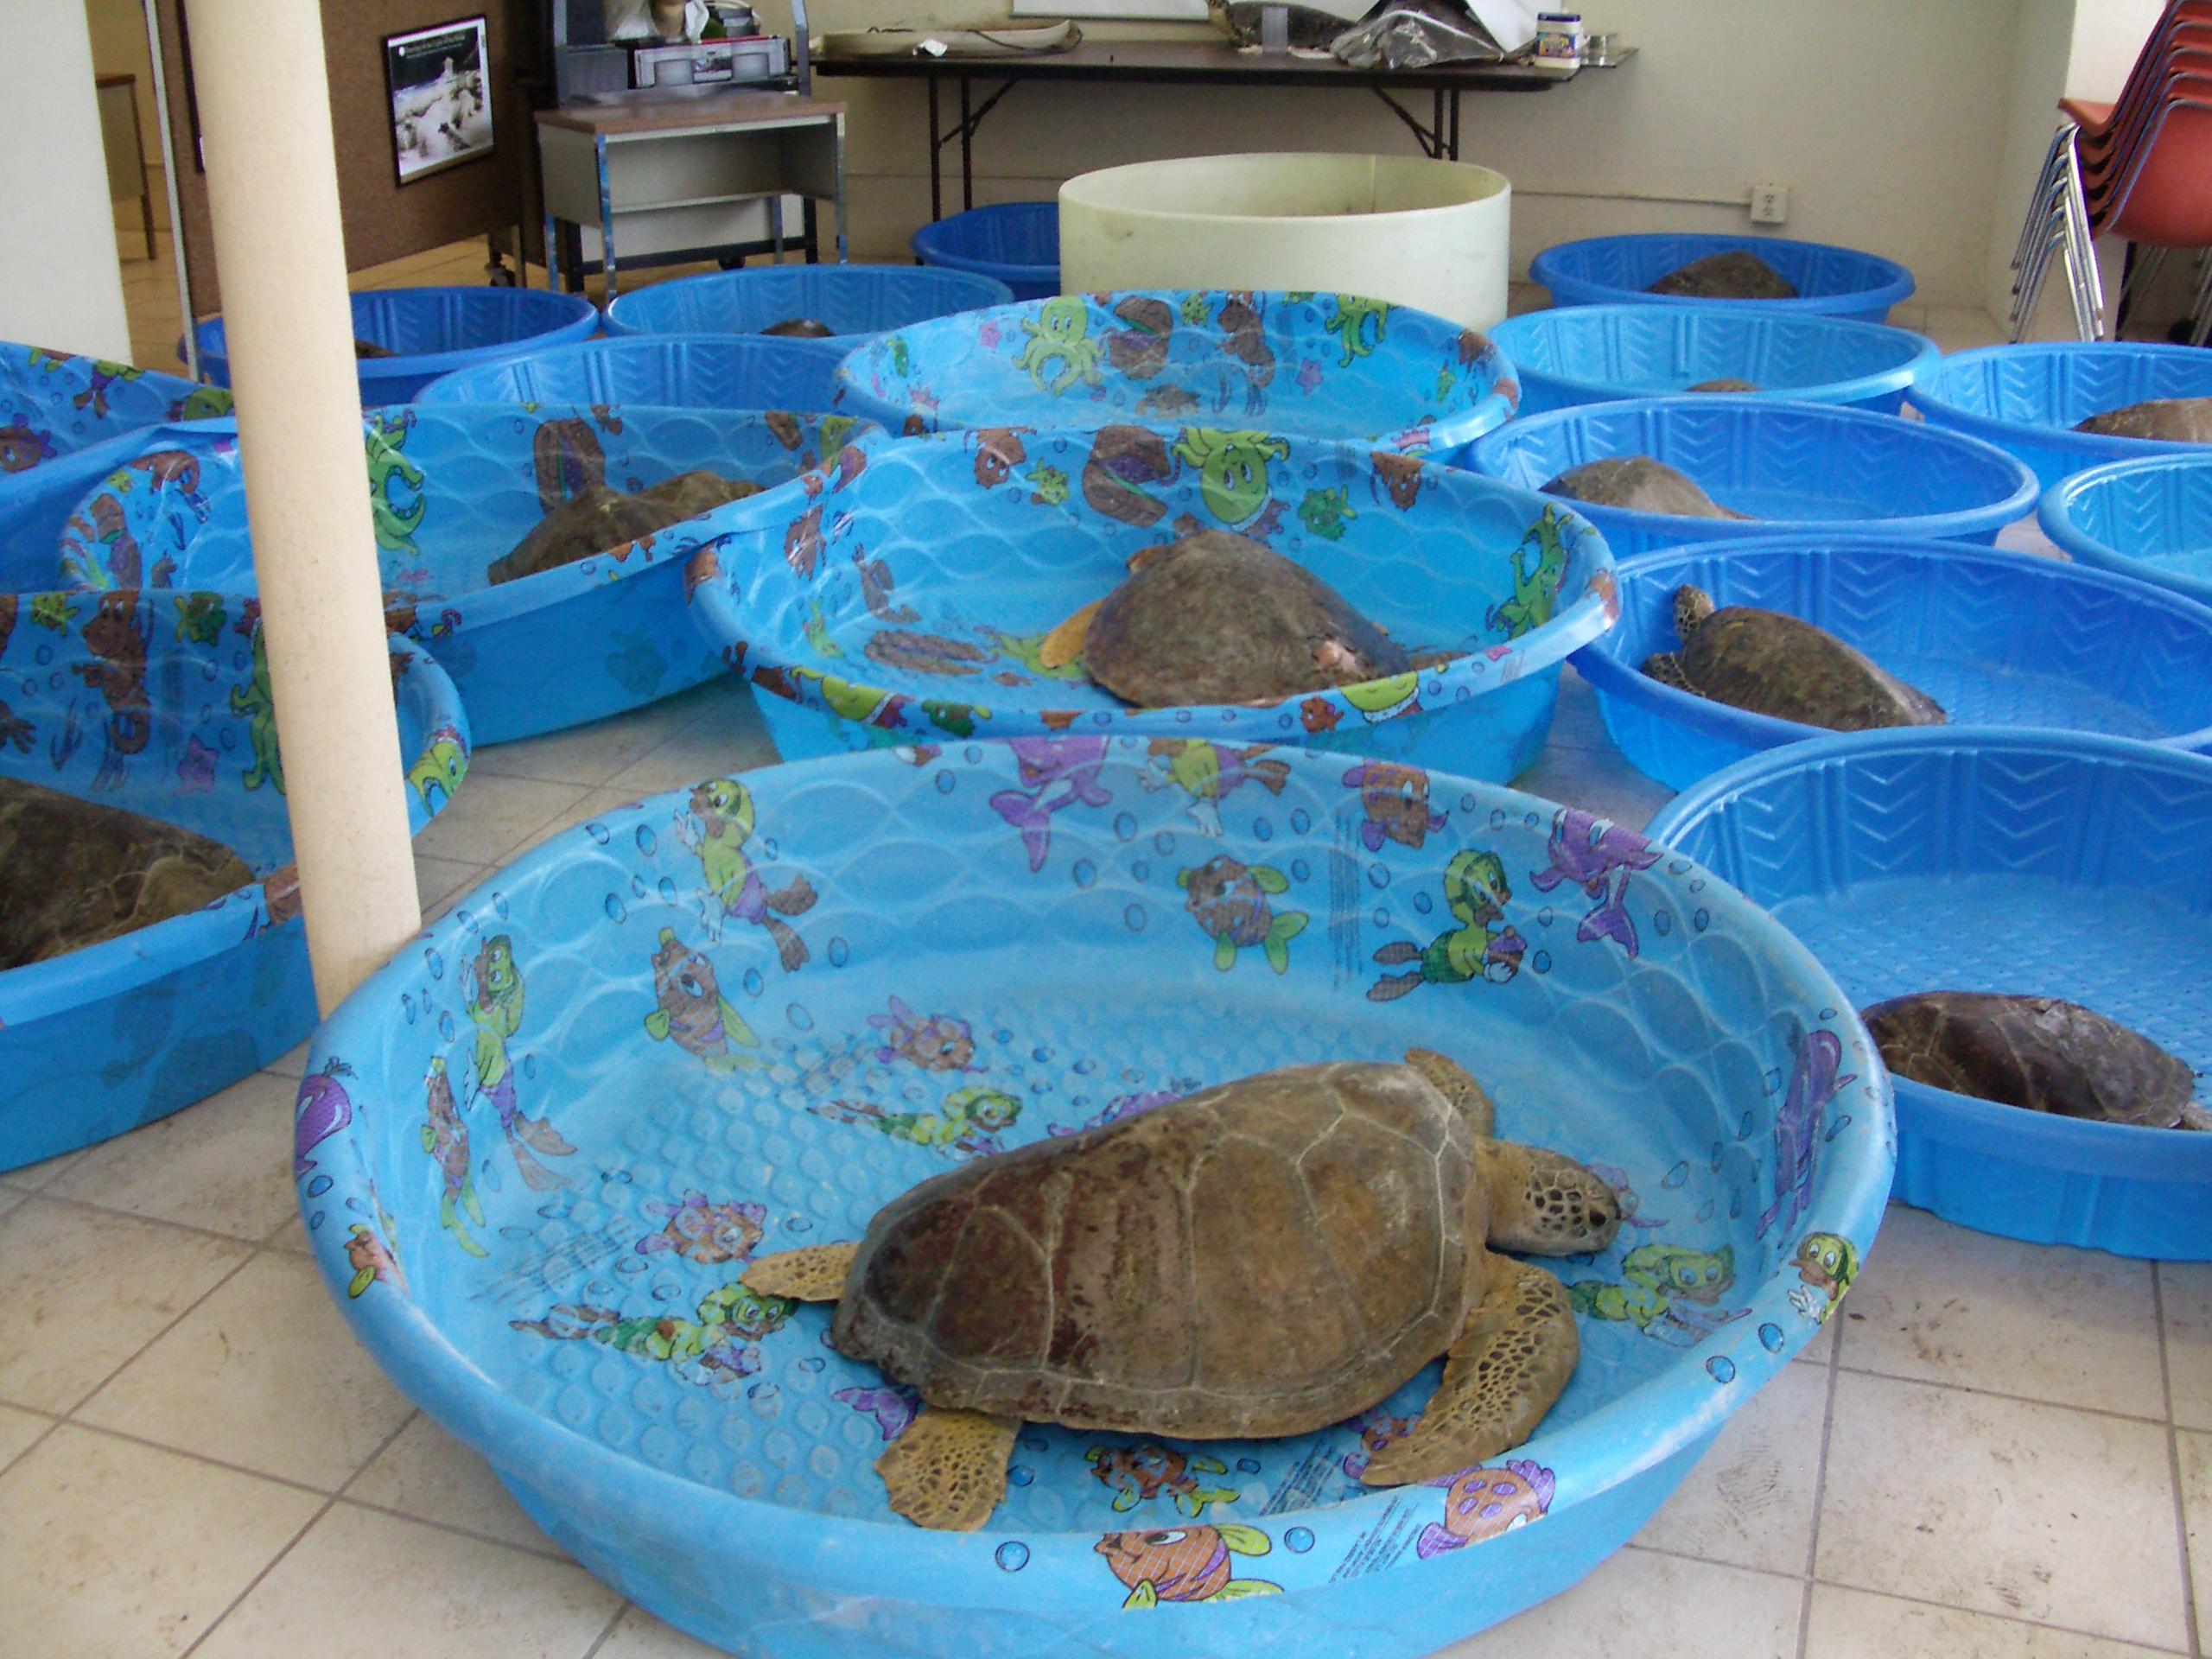 turtles-dry-docked-001.jpg